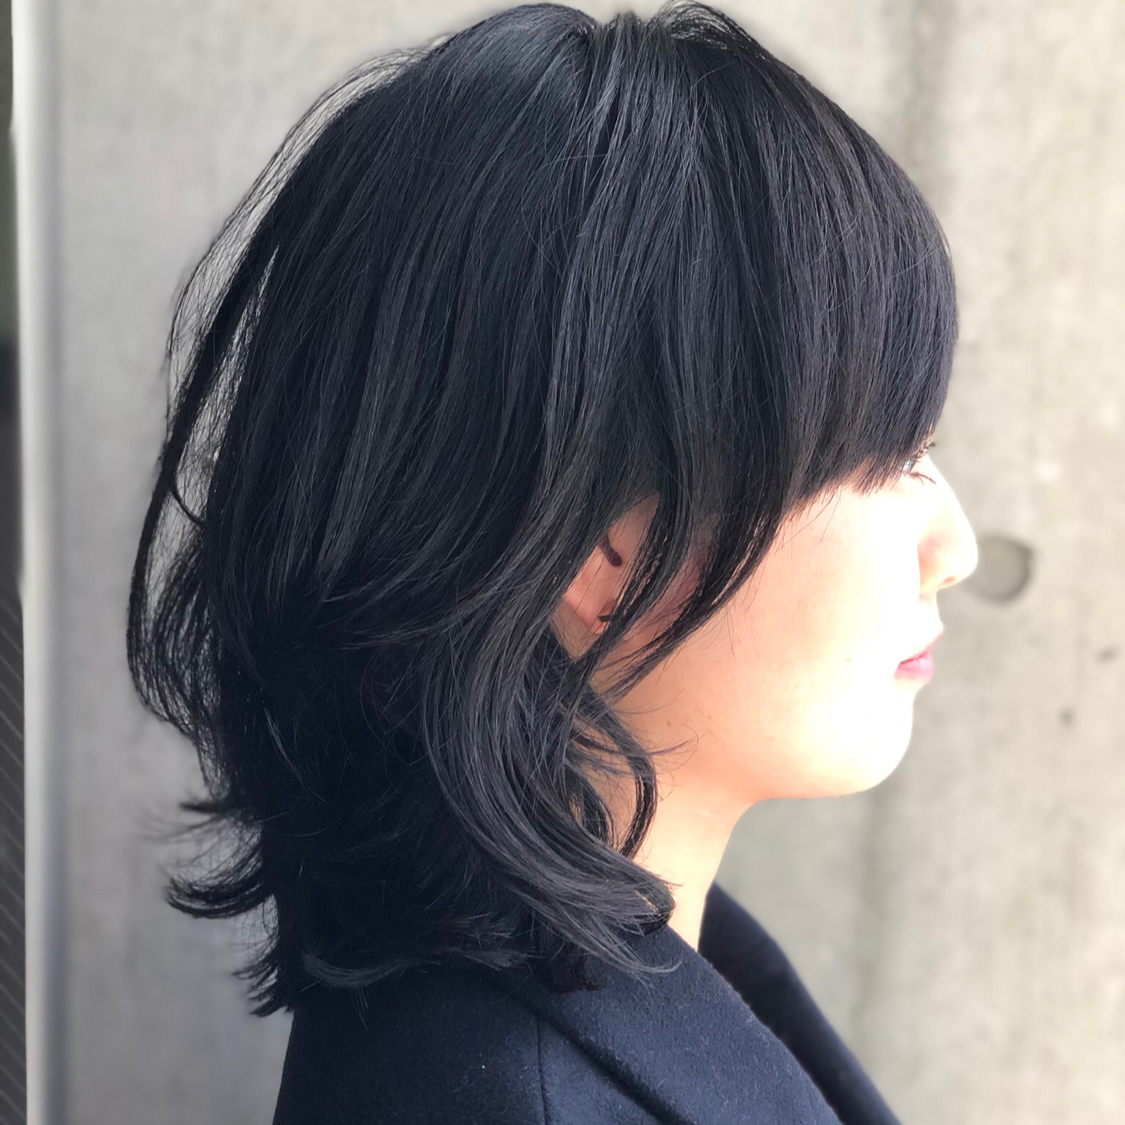 デジタルパーマでお手入れ簡単なくびれミディアムスタイルに #imaii #ショートカット #ヘアスタイル #ヘアカタログ #ヘアセット #ヘアアレンジ #カット #ヘアカット #ヘアカラー #カラー #髪型 #モデル #サロンモデル #サロモ #hair #model #hairstyle #haircolor #bob #longhair #shorthair #zara #forever21 #hm #gu #uniqlo #パーマ #デジタルパーマ #ウルフ